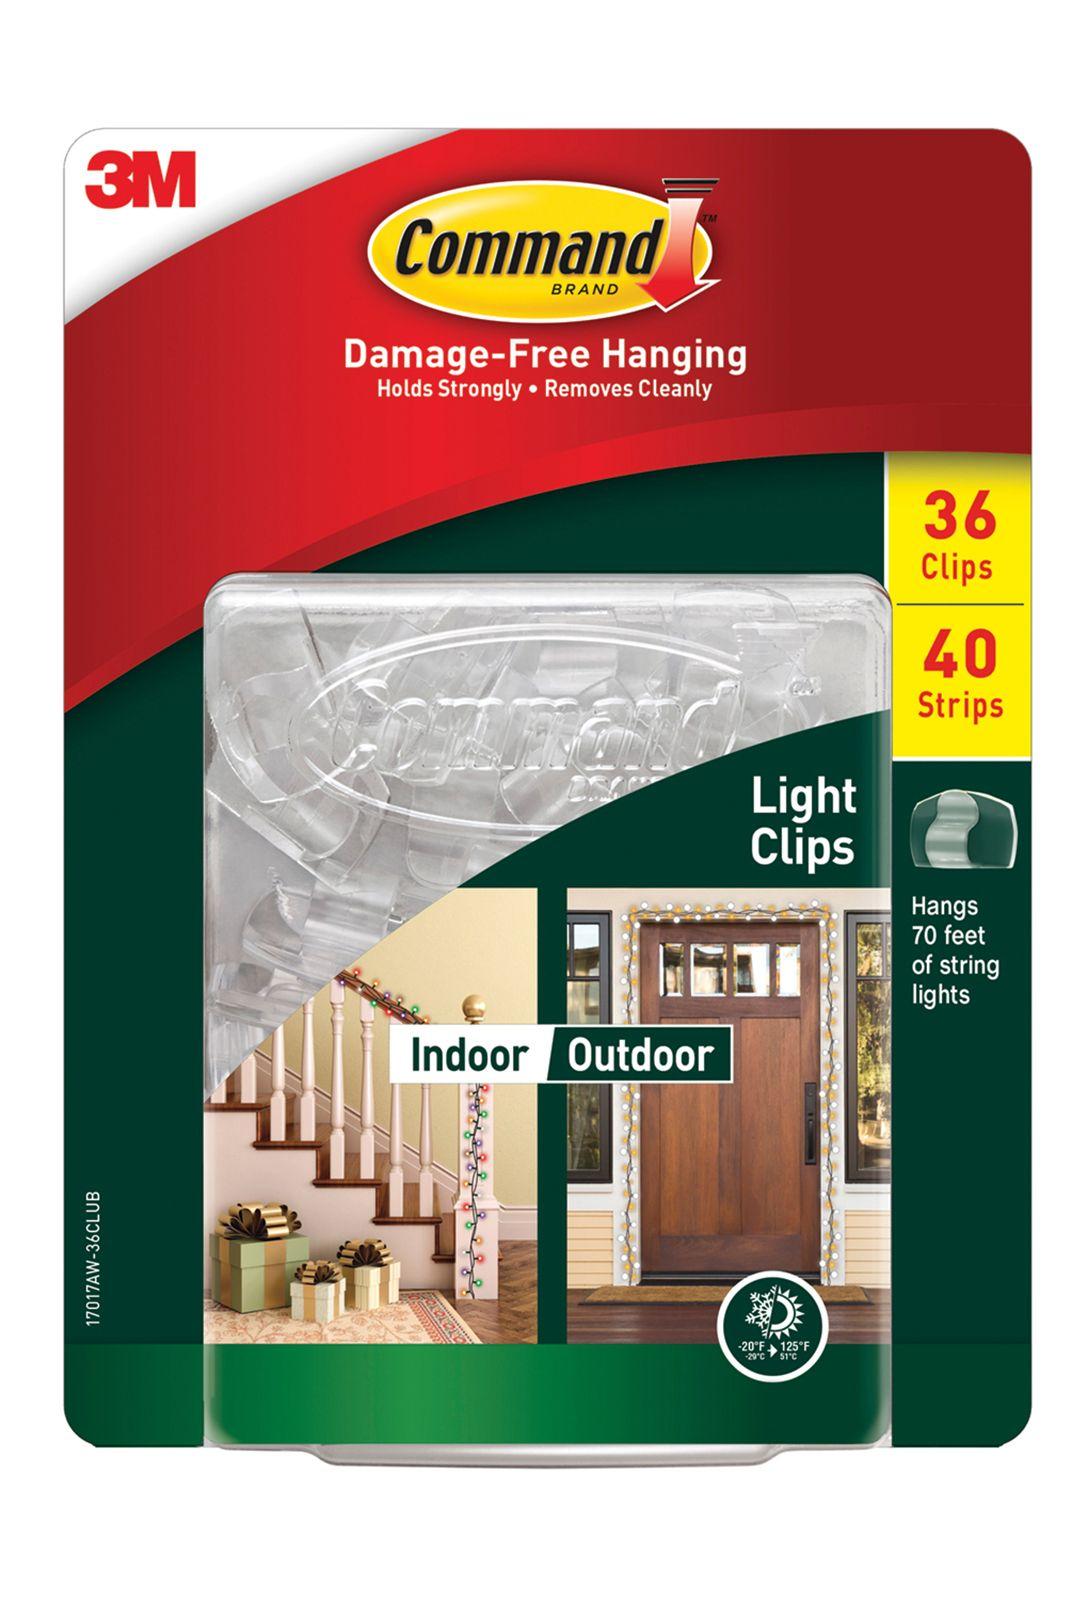 Command Indoor Outdoor Light Clips Bjs Wholesale Club